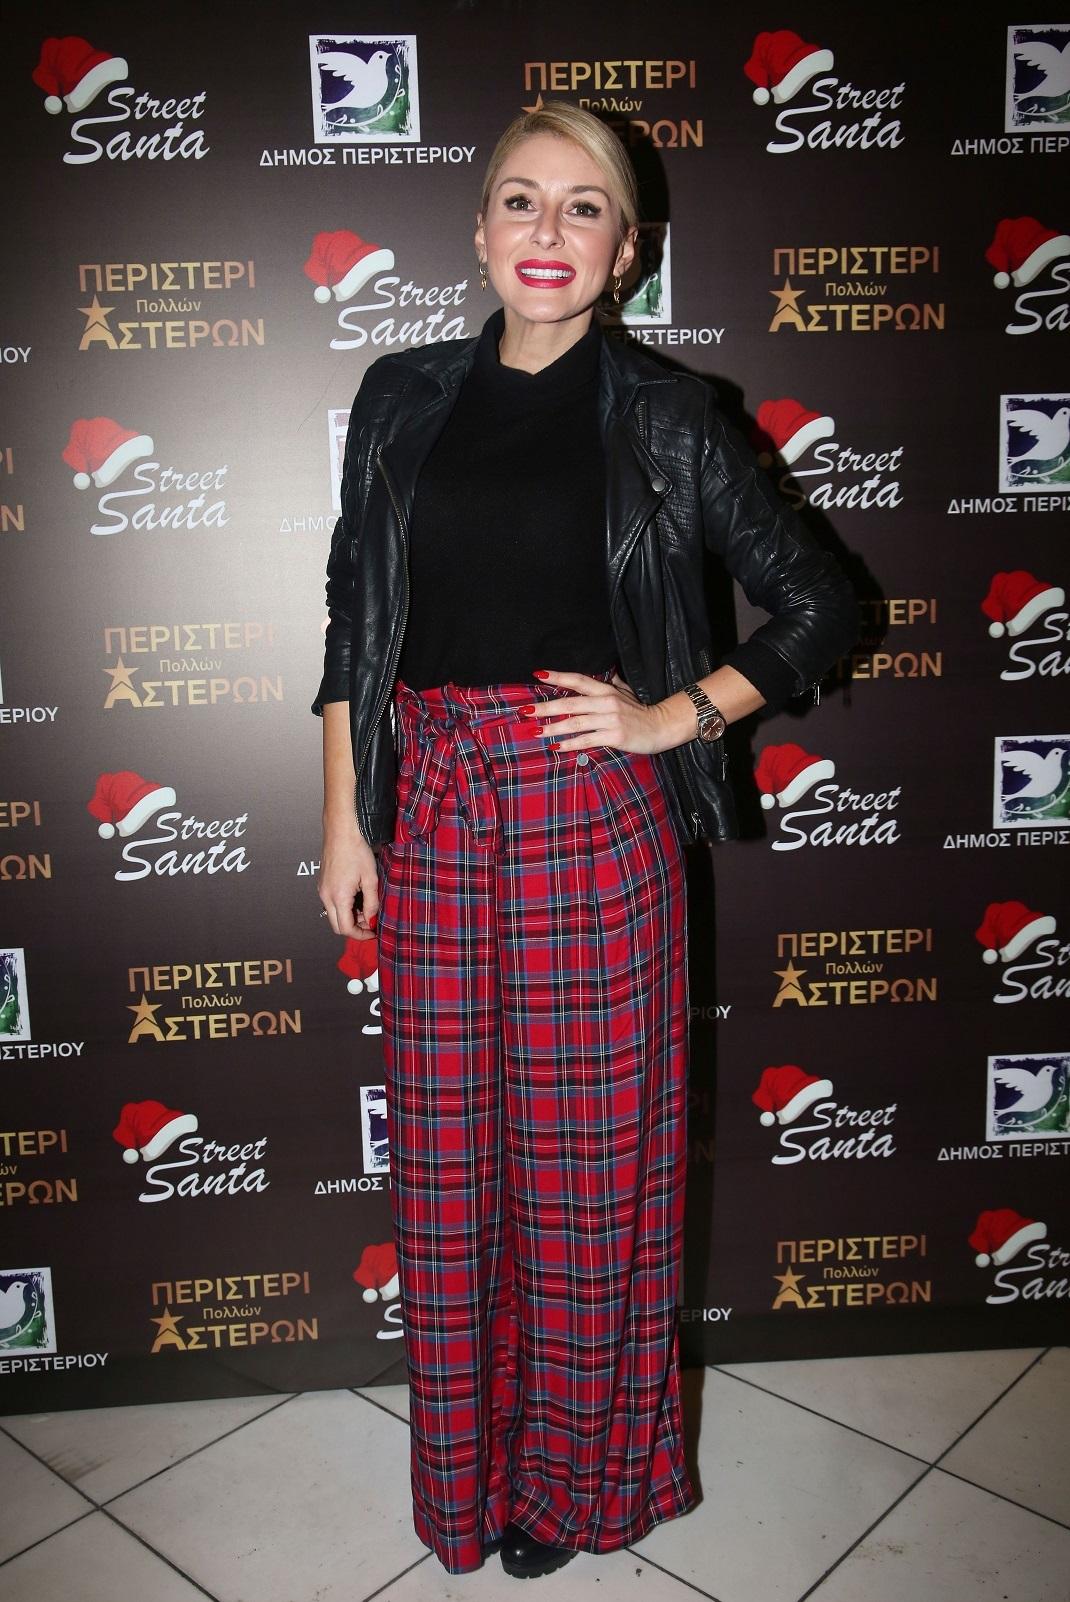 Η Μαρία Φραγκάκη με καρό παντελόνι, μαύρη μπλούζα και μαύρο τζάκετ